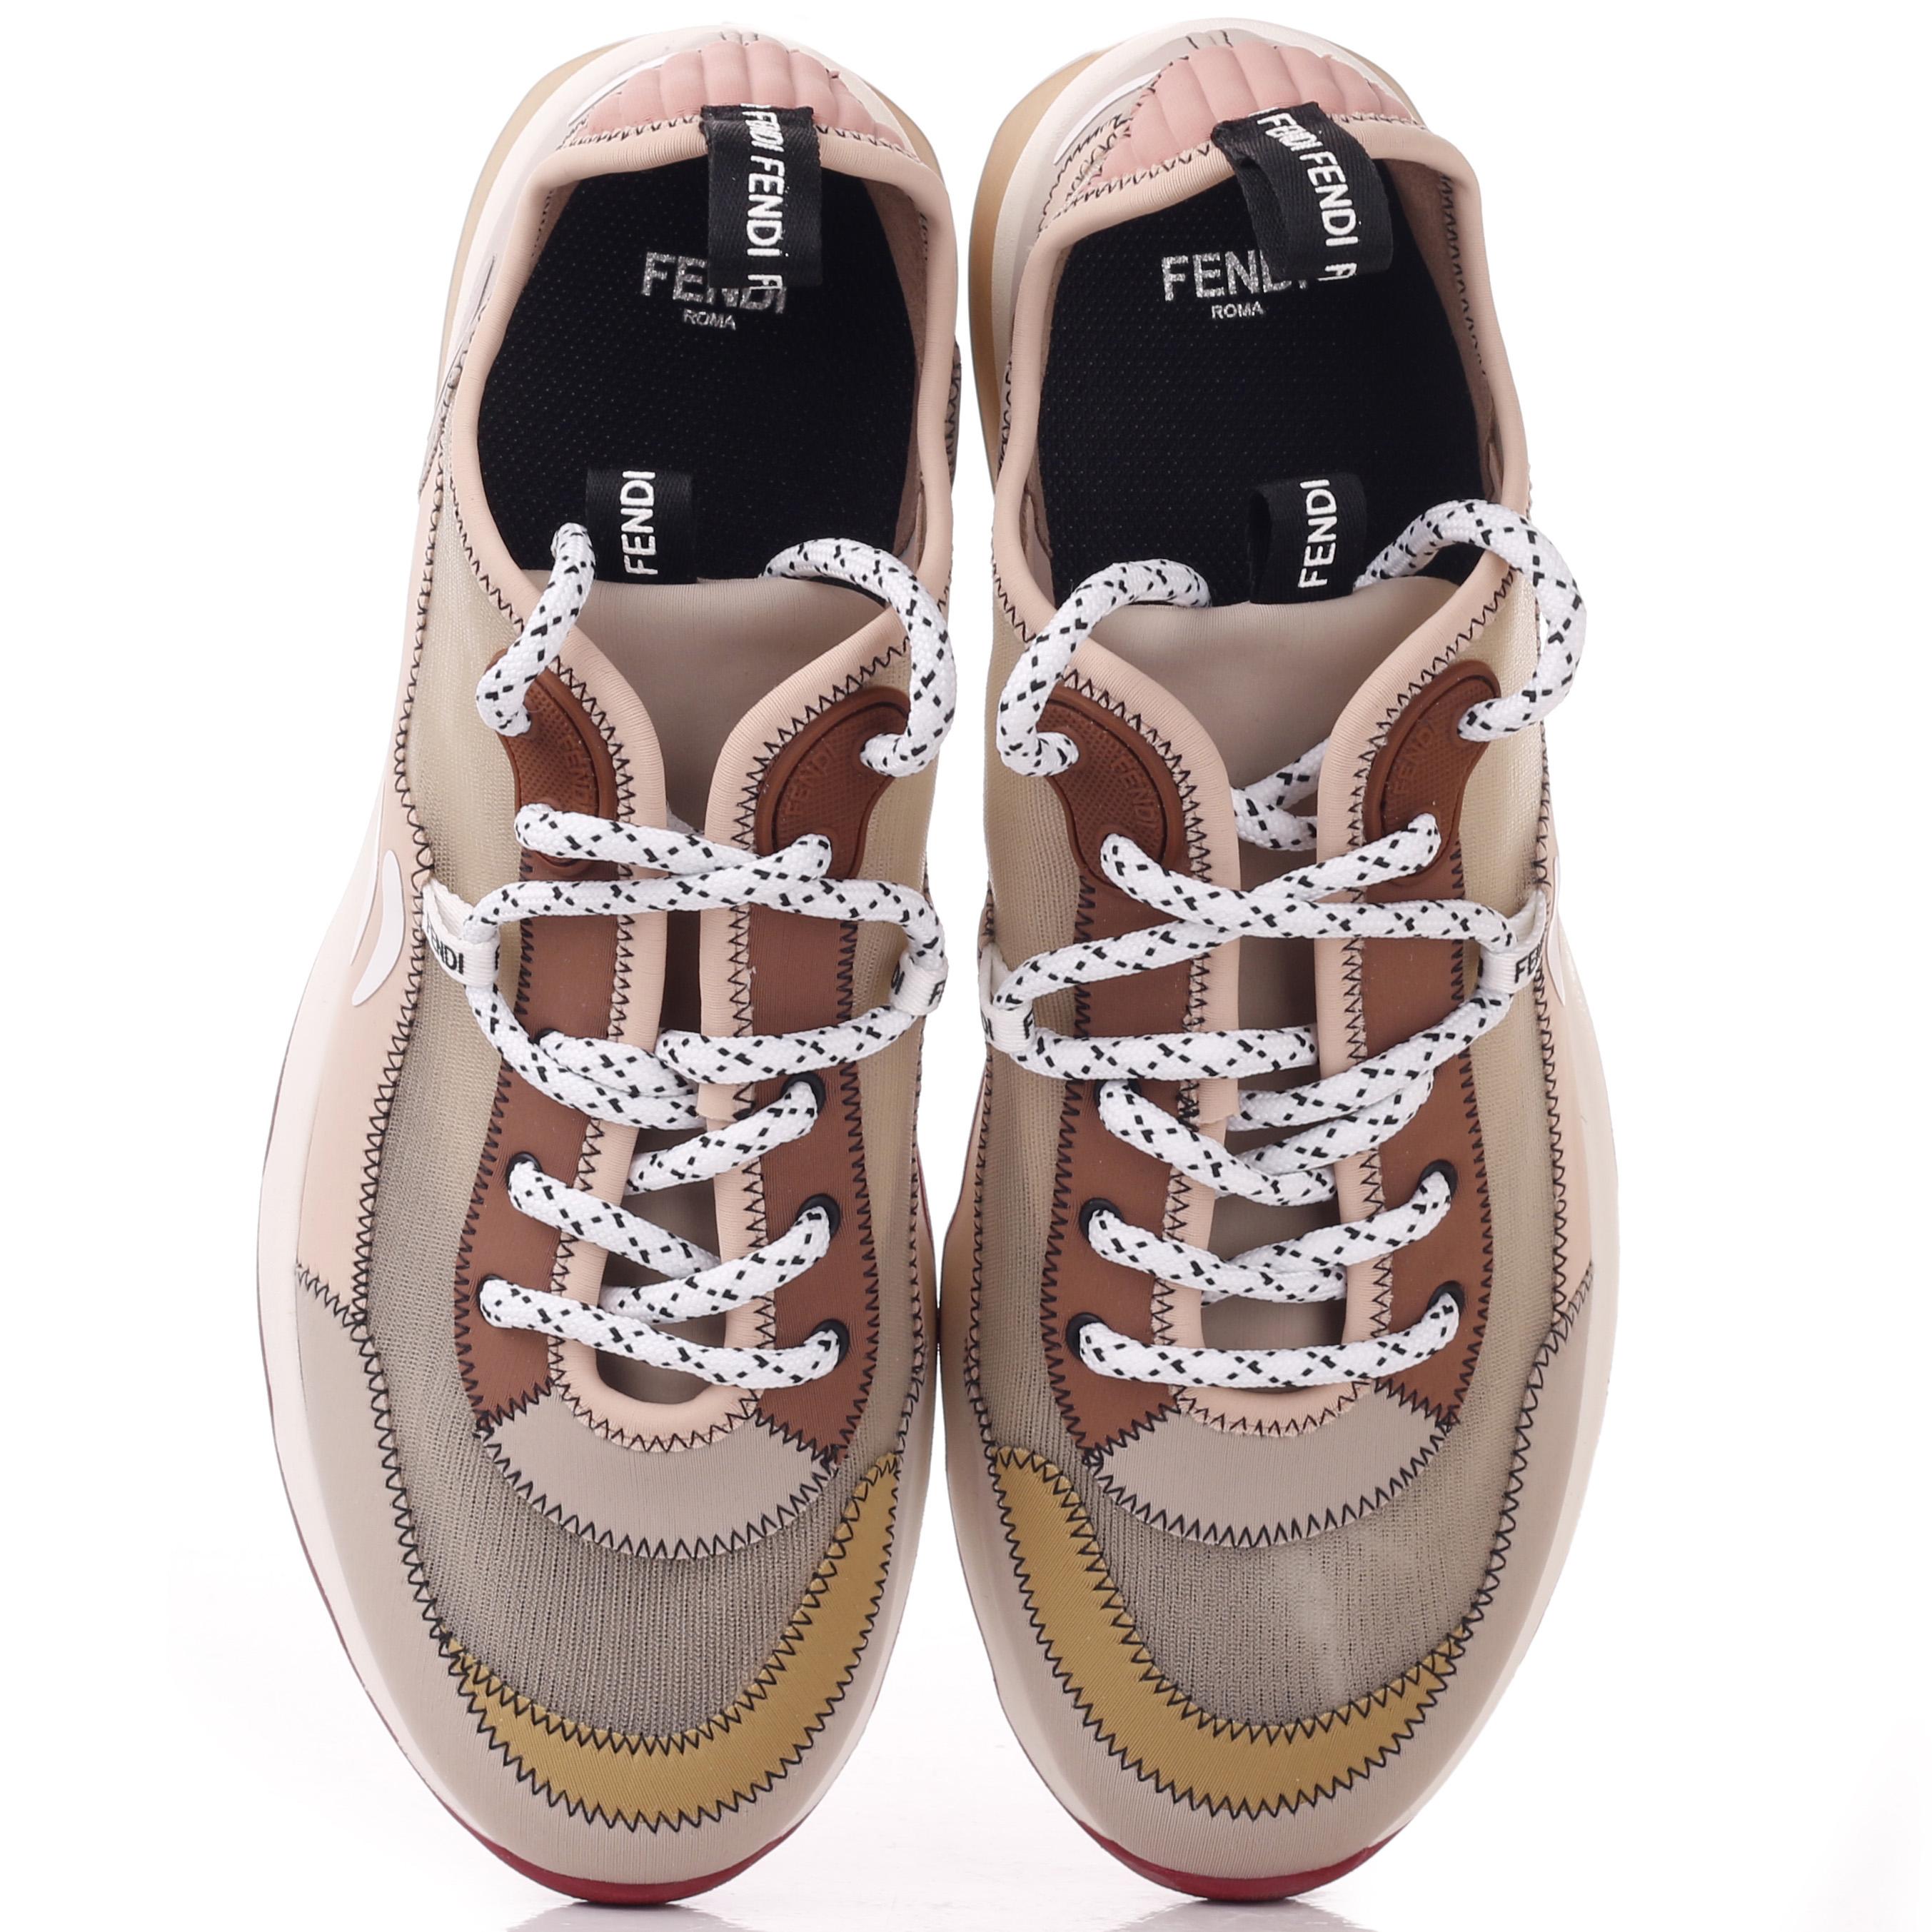 Спортивные кроссовки Fendi Mosaico из сетчатой ткани